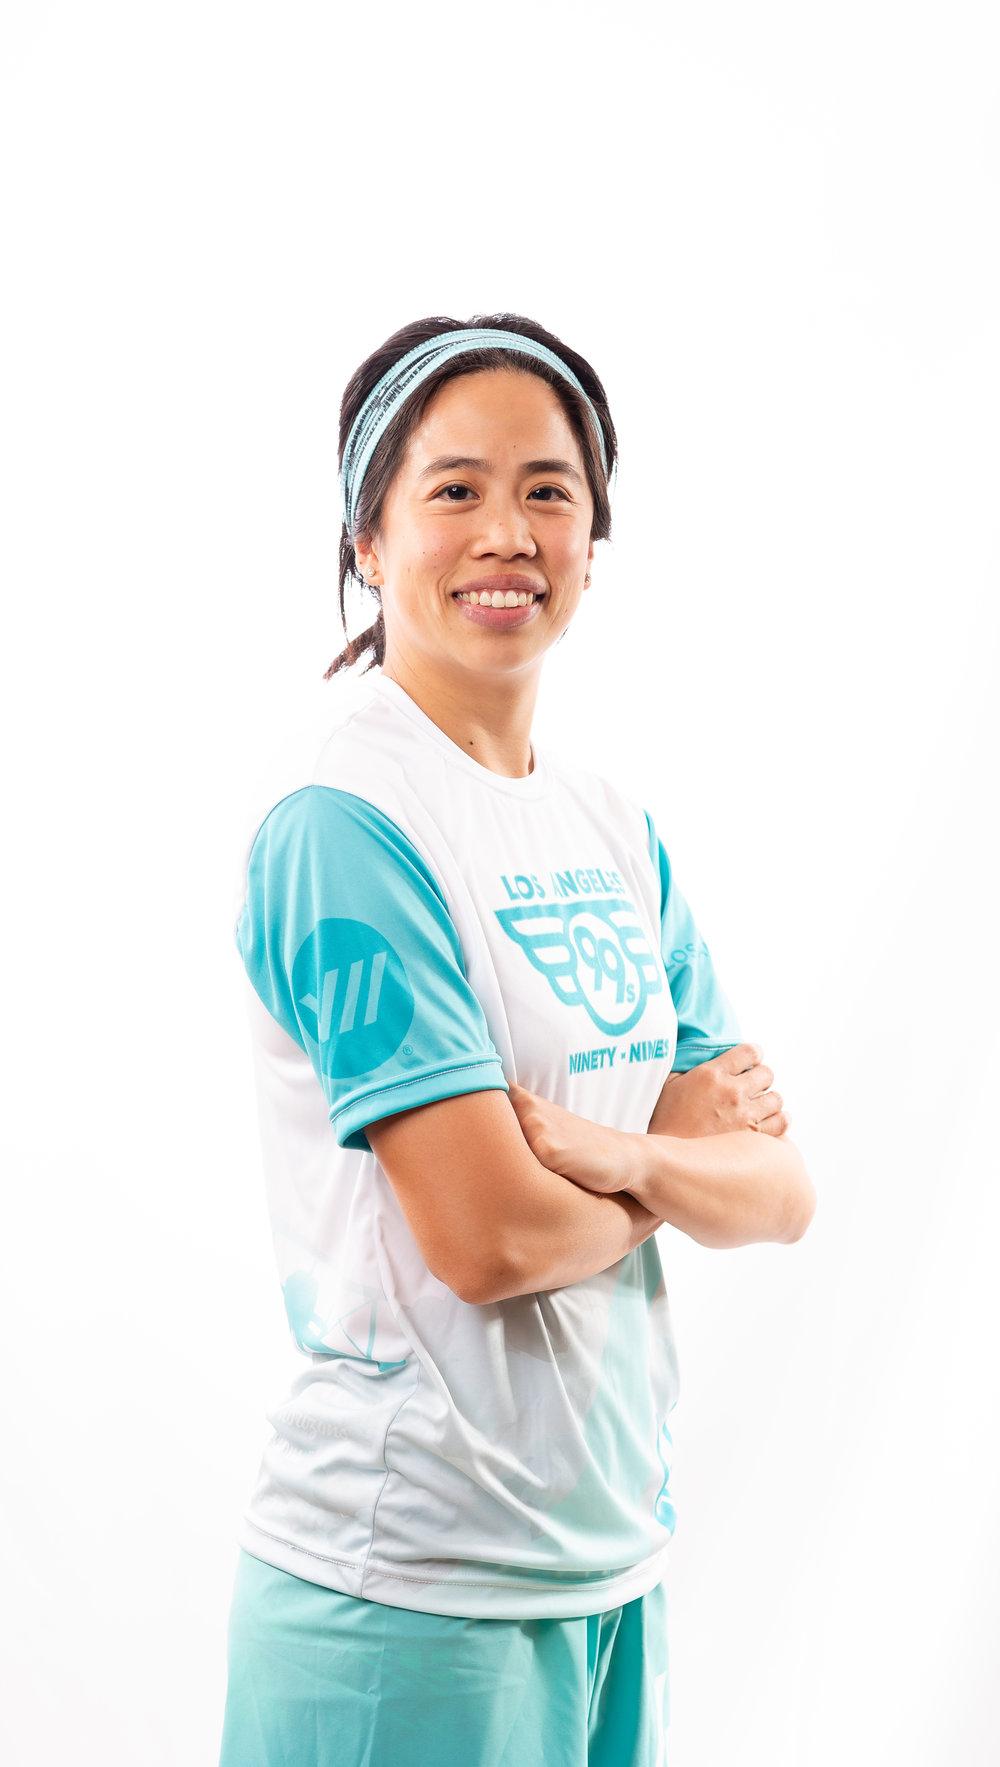 Veronica Yee